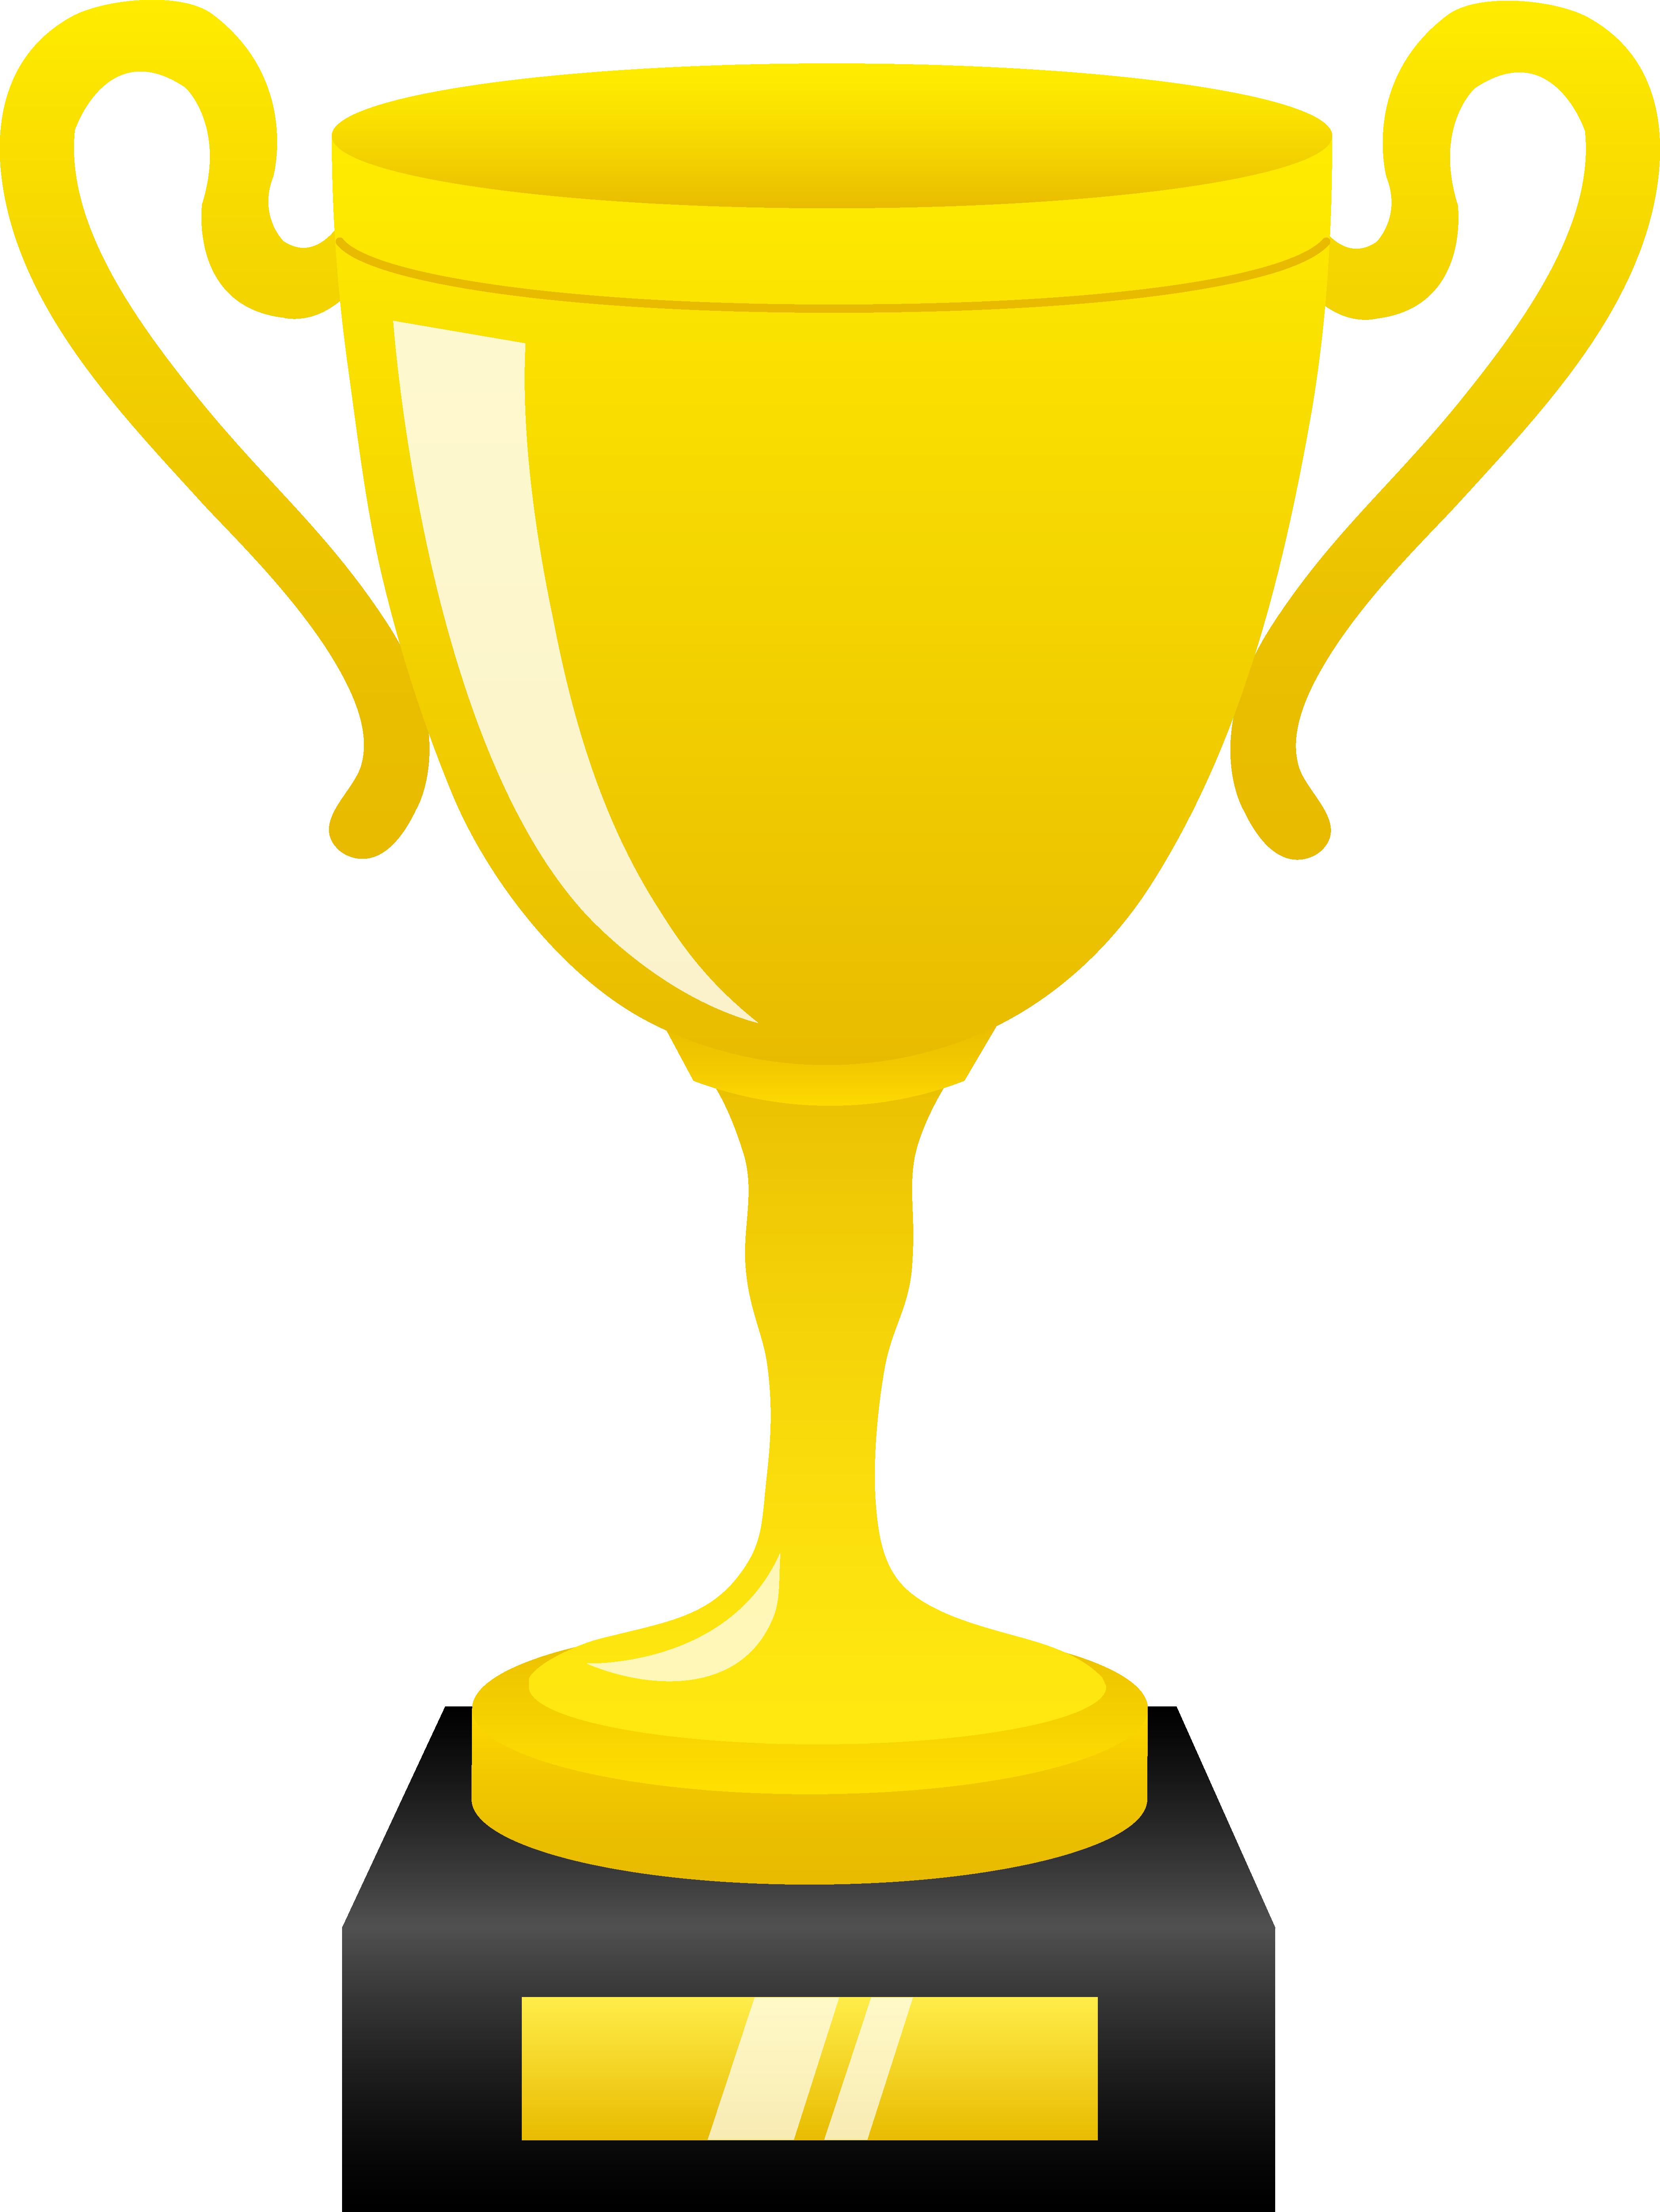 Trophy Golden Clip Art JoJo PixJoJo Pix ClipArt Best ClipArt